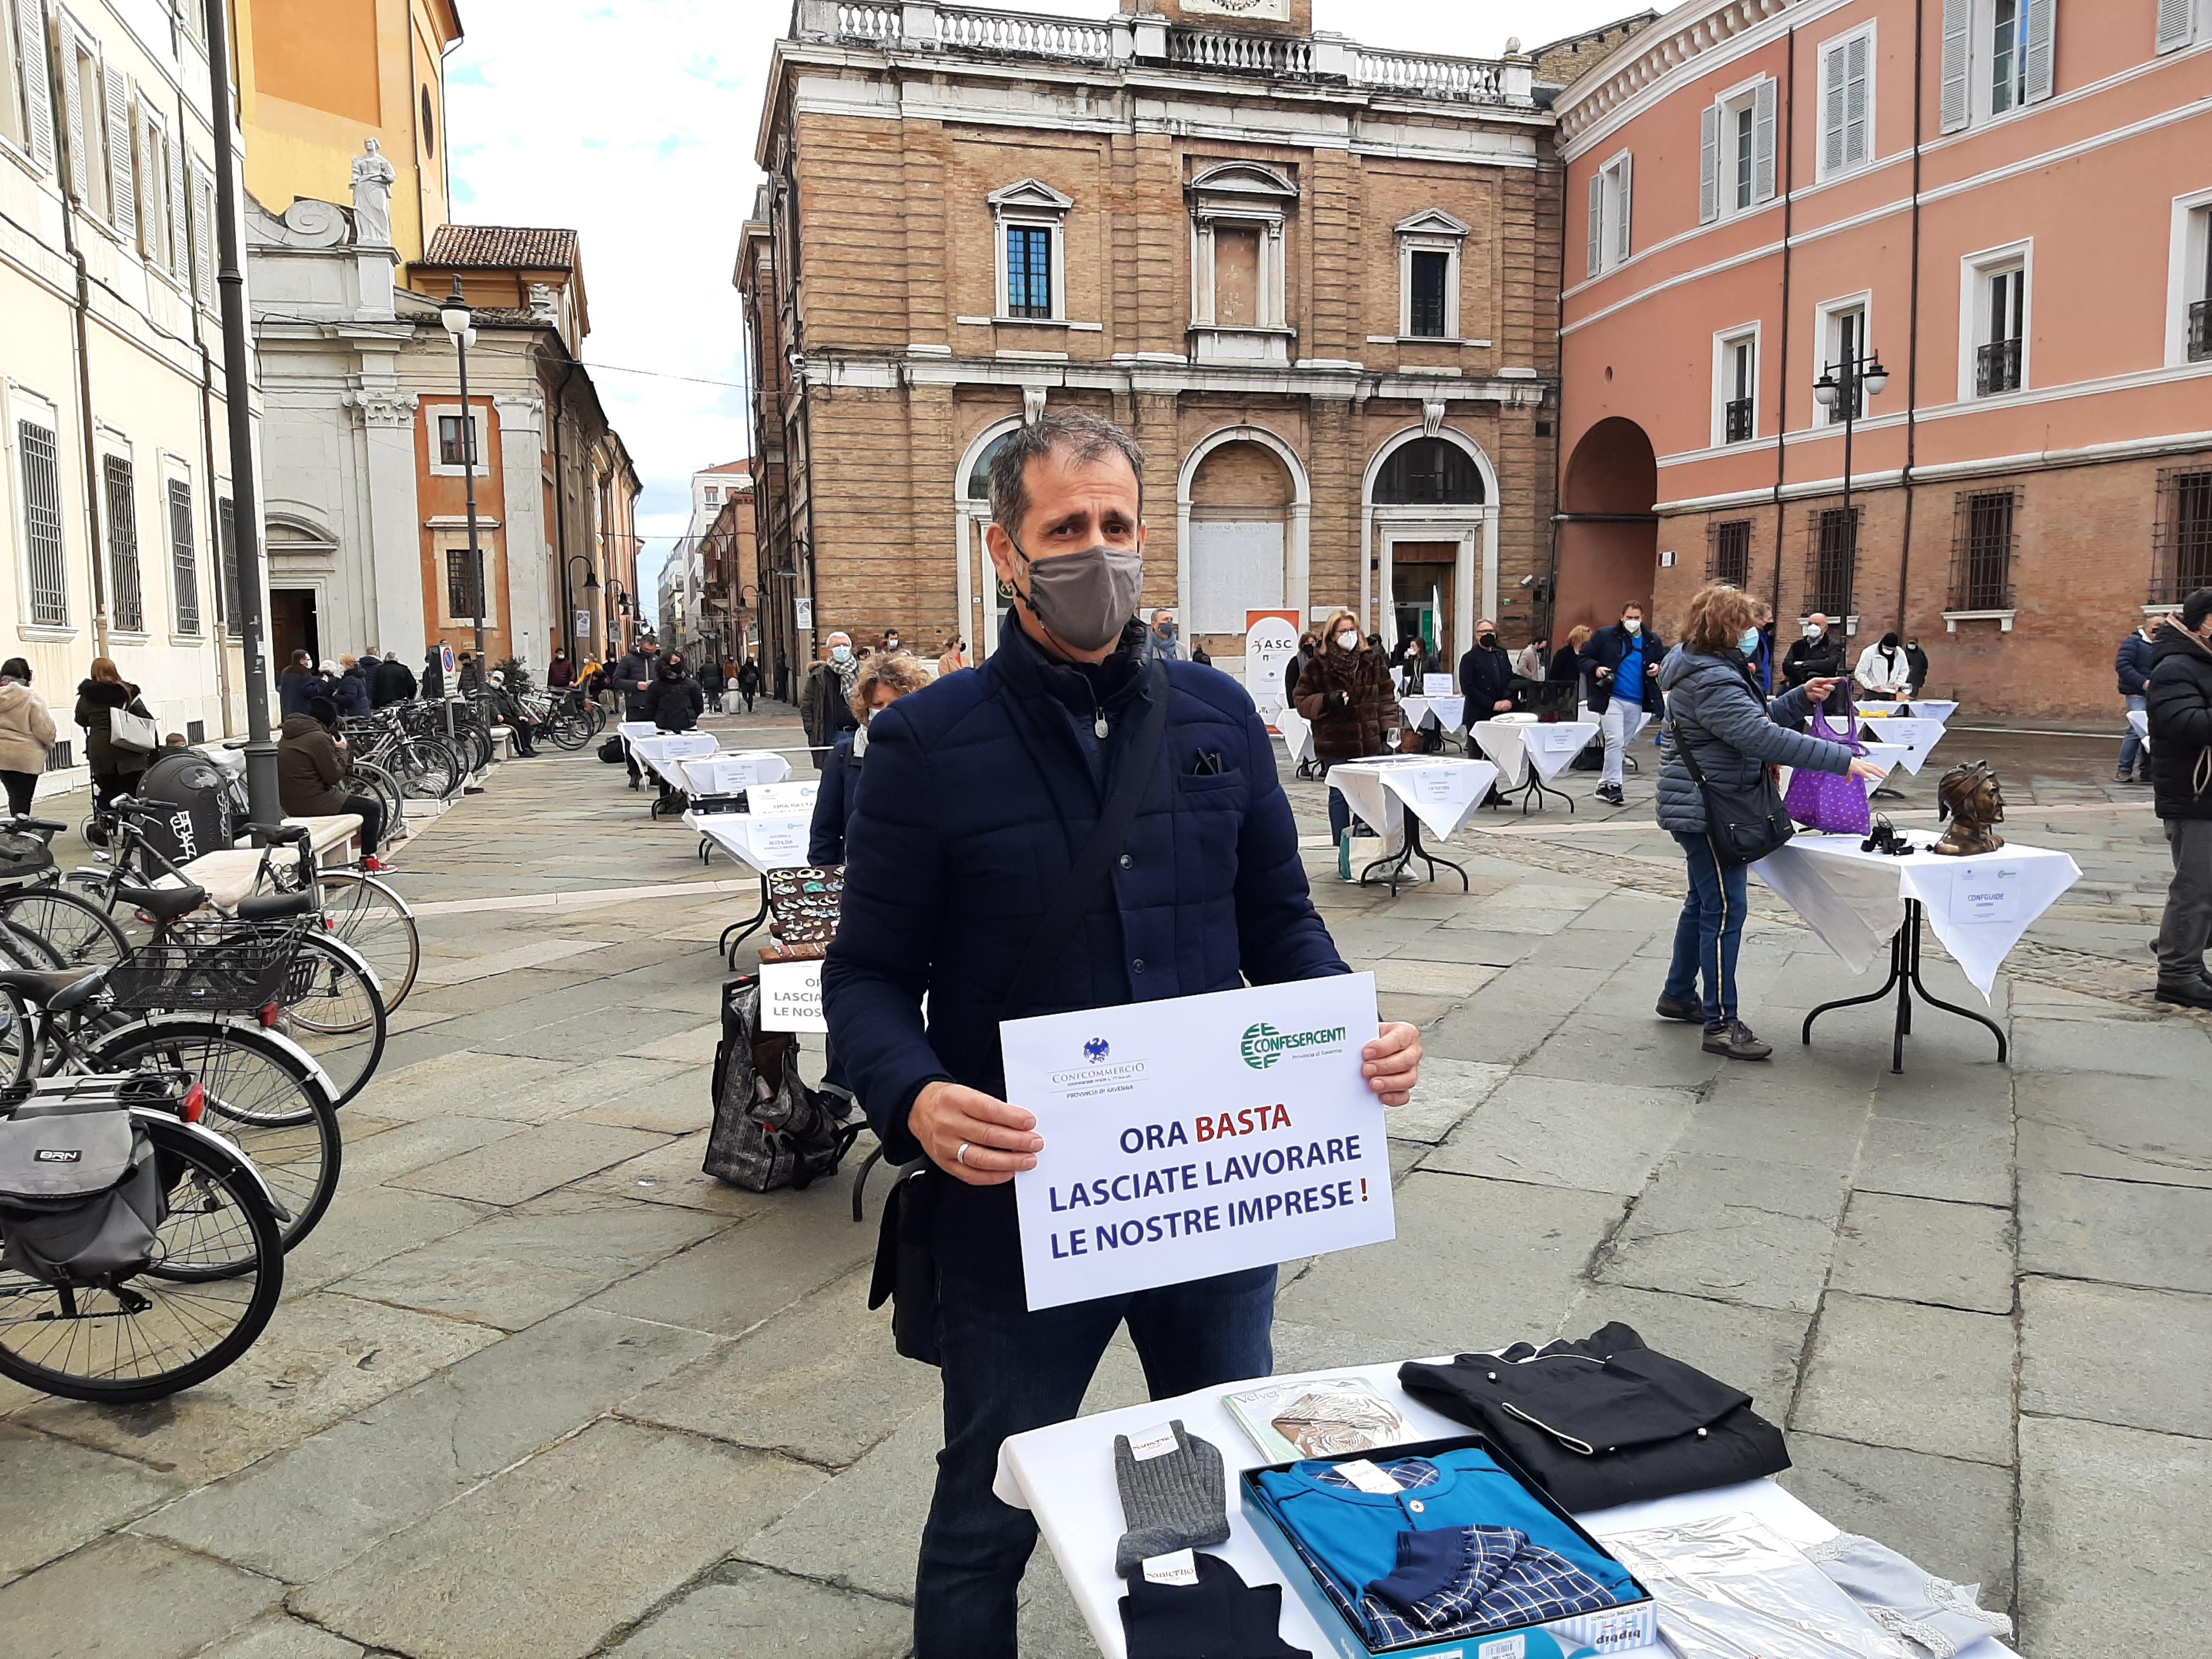 MANIFESTAZIONE CONFCOMMERCIO E CONFESERCENTI 'IL SILENZIO DEGLI IMPRENDITORI'